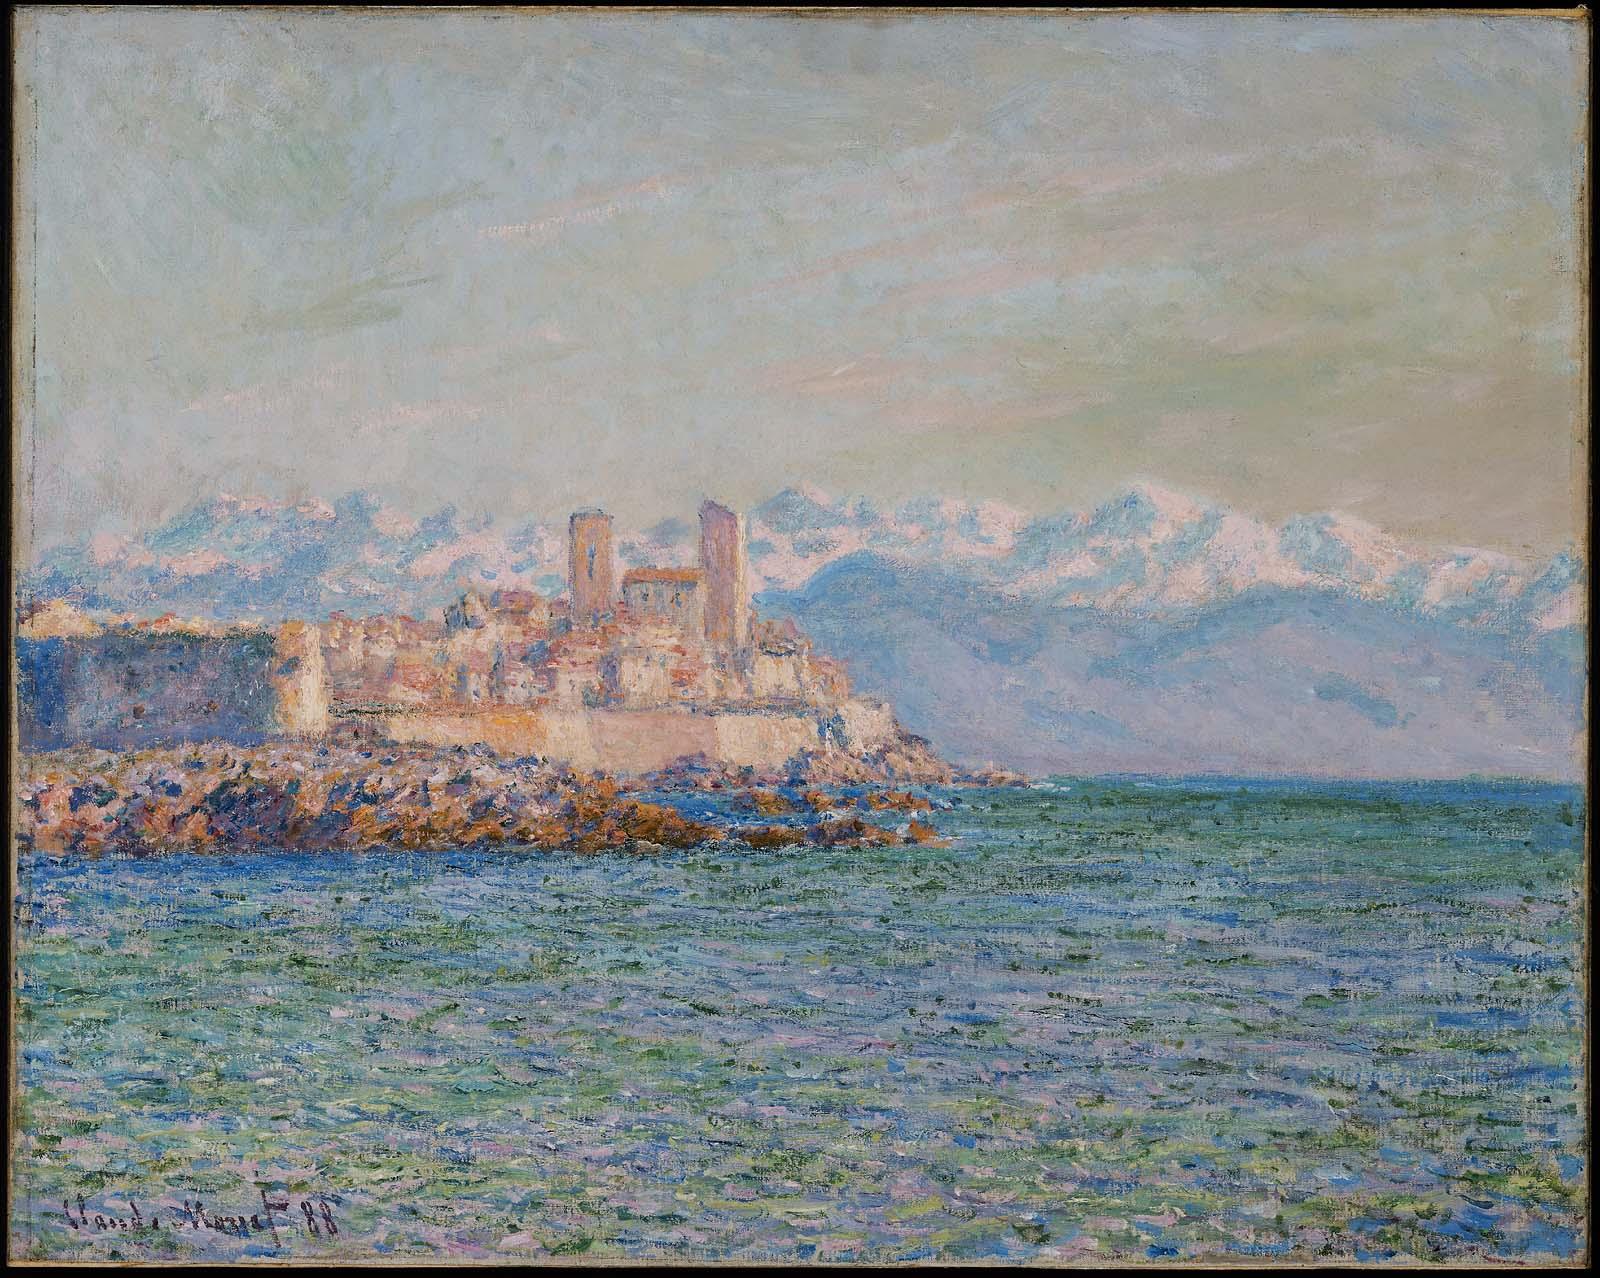 южные пейзажи < Старый форт в Антибе >:: Клод Моне, описание картины - Claude Monet фото